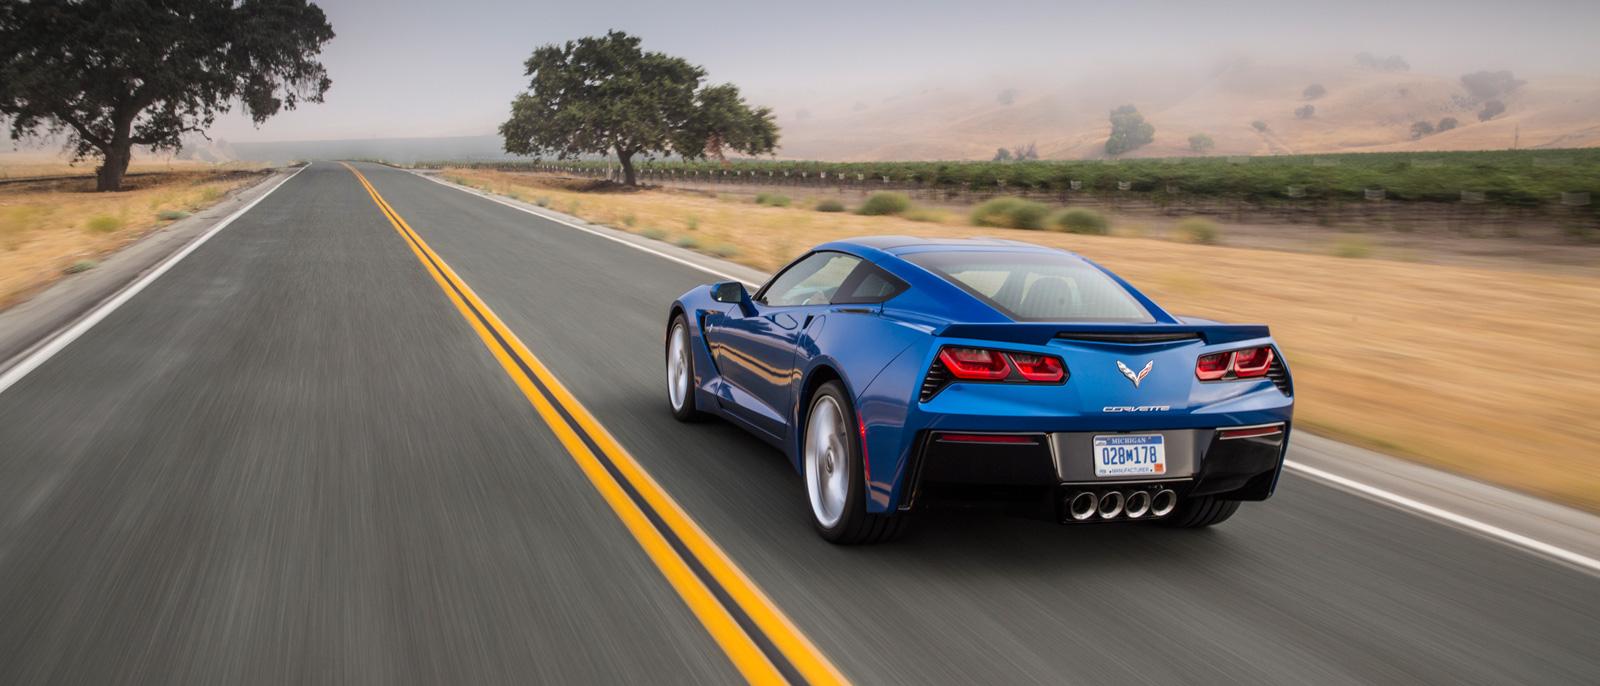 2016 Chevrolet Corvette in blue